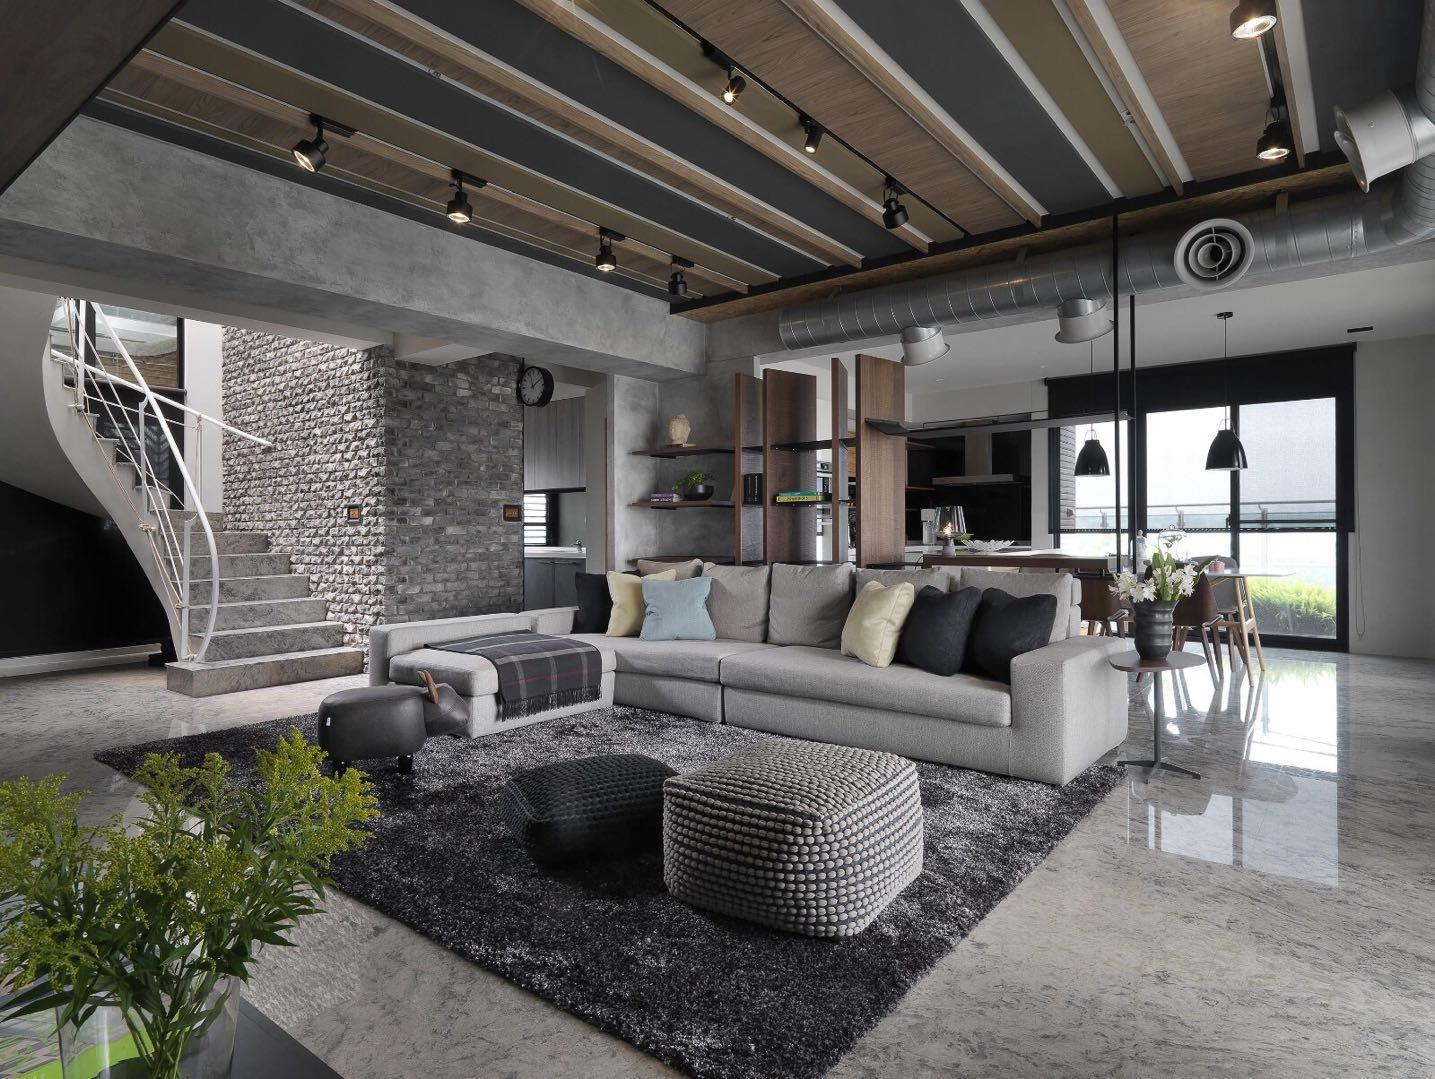 阳光城檀悦:被酷酷的工业元素装饰的家  又飒又随和